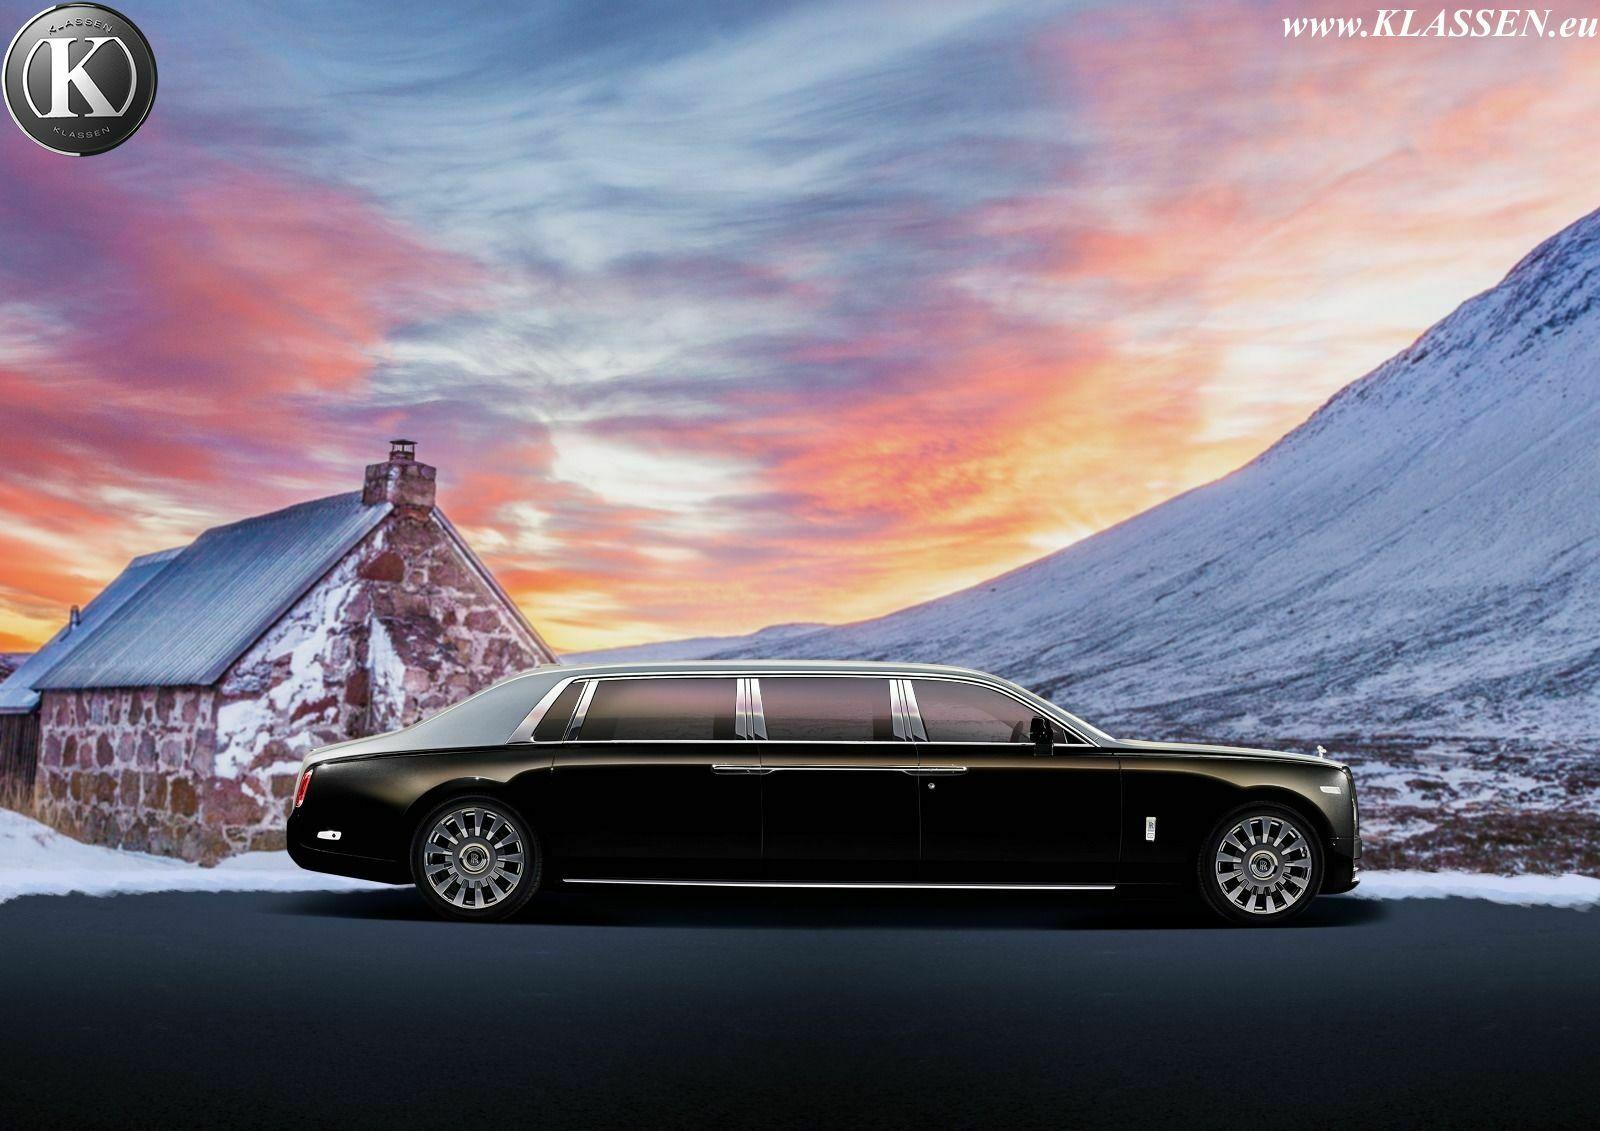 Олигархам на заметку: представлен самый невероятный лимузин Rolls-Royce